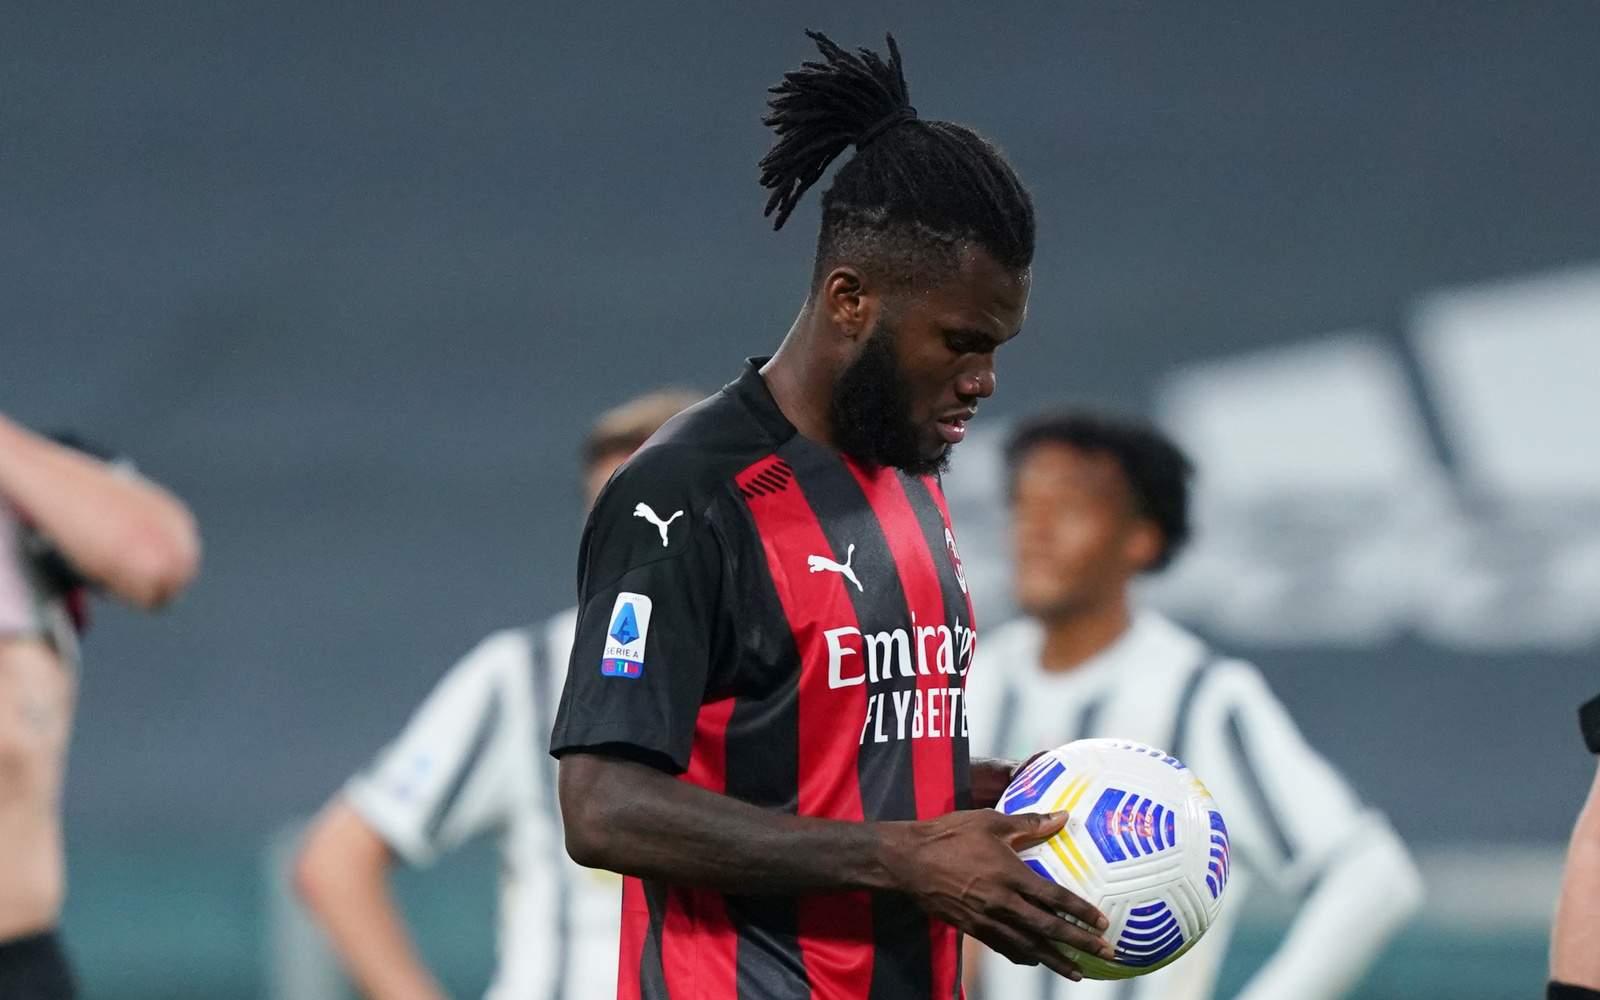 Кесси не хочет оставаться в «Милане», игрок нацелен на АПЛ